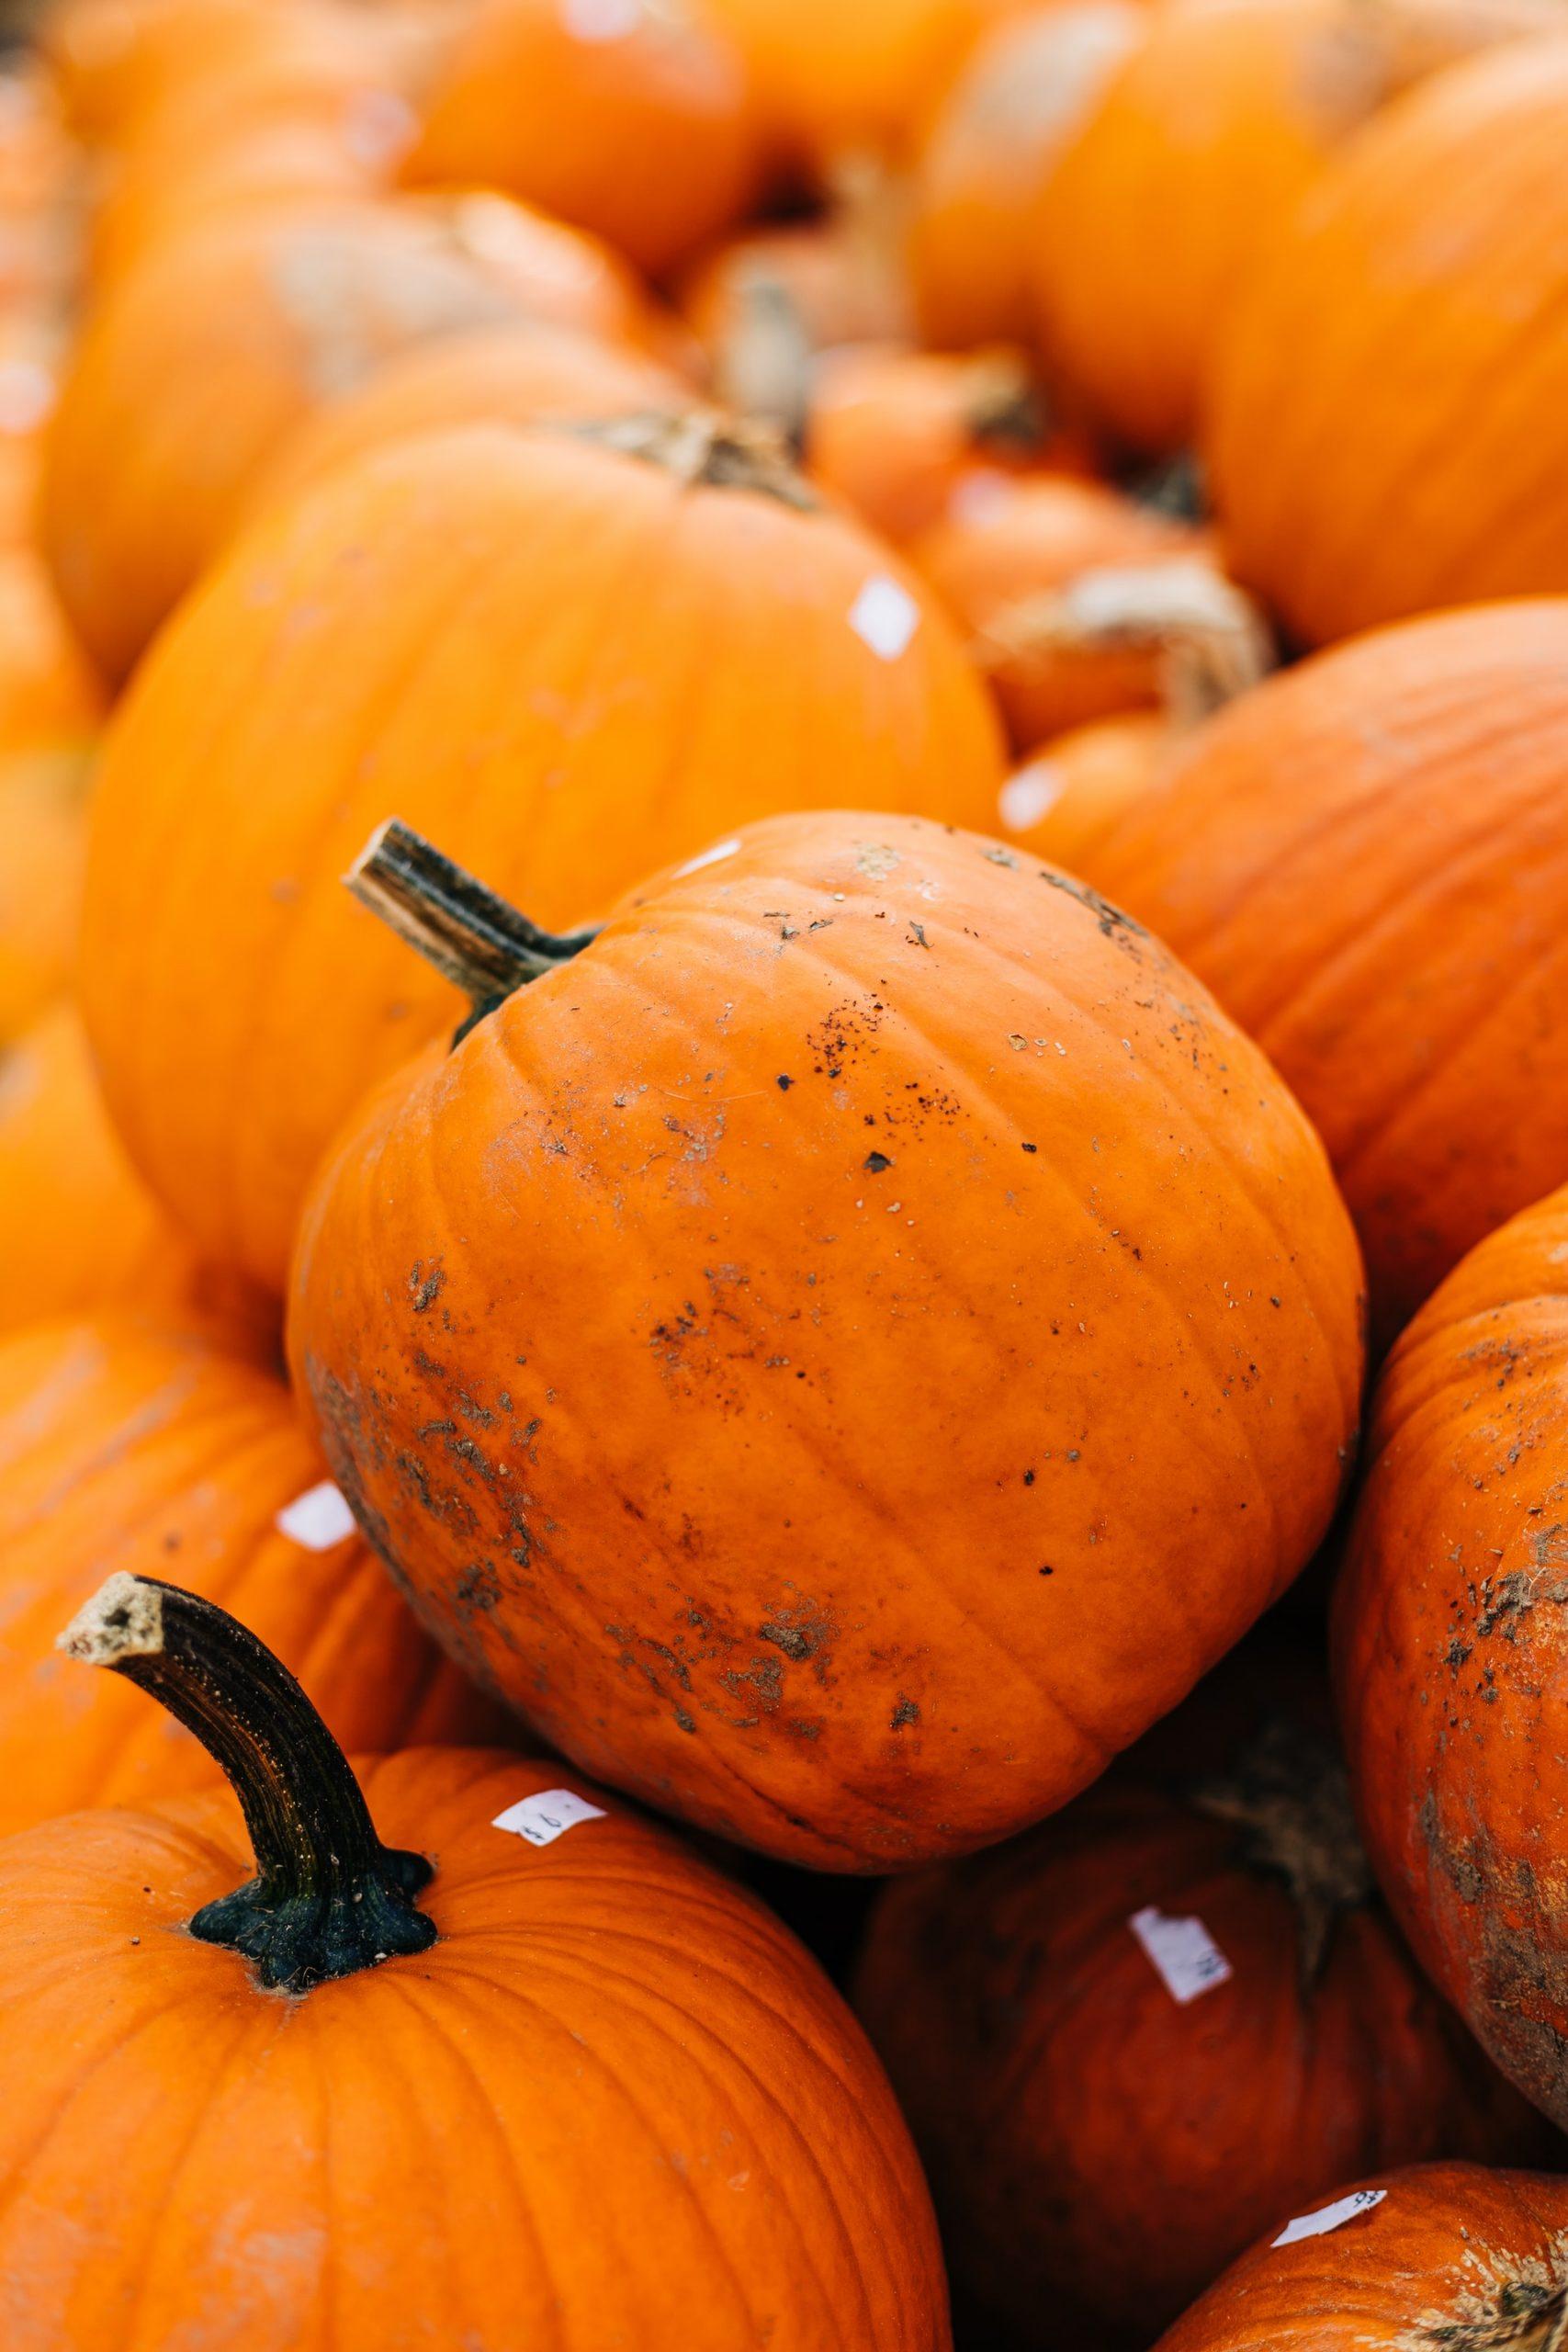 Autumn walks pumpkin patch